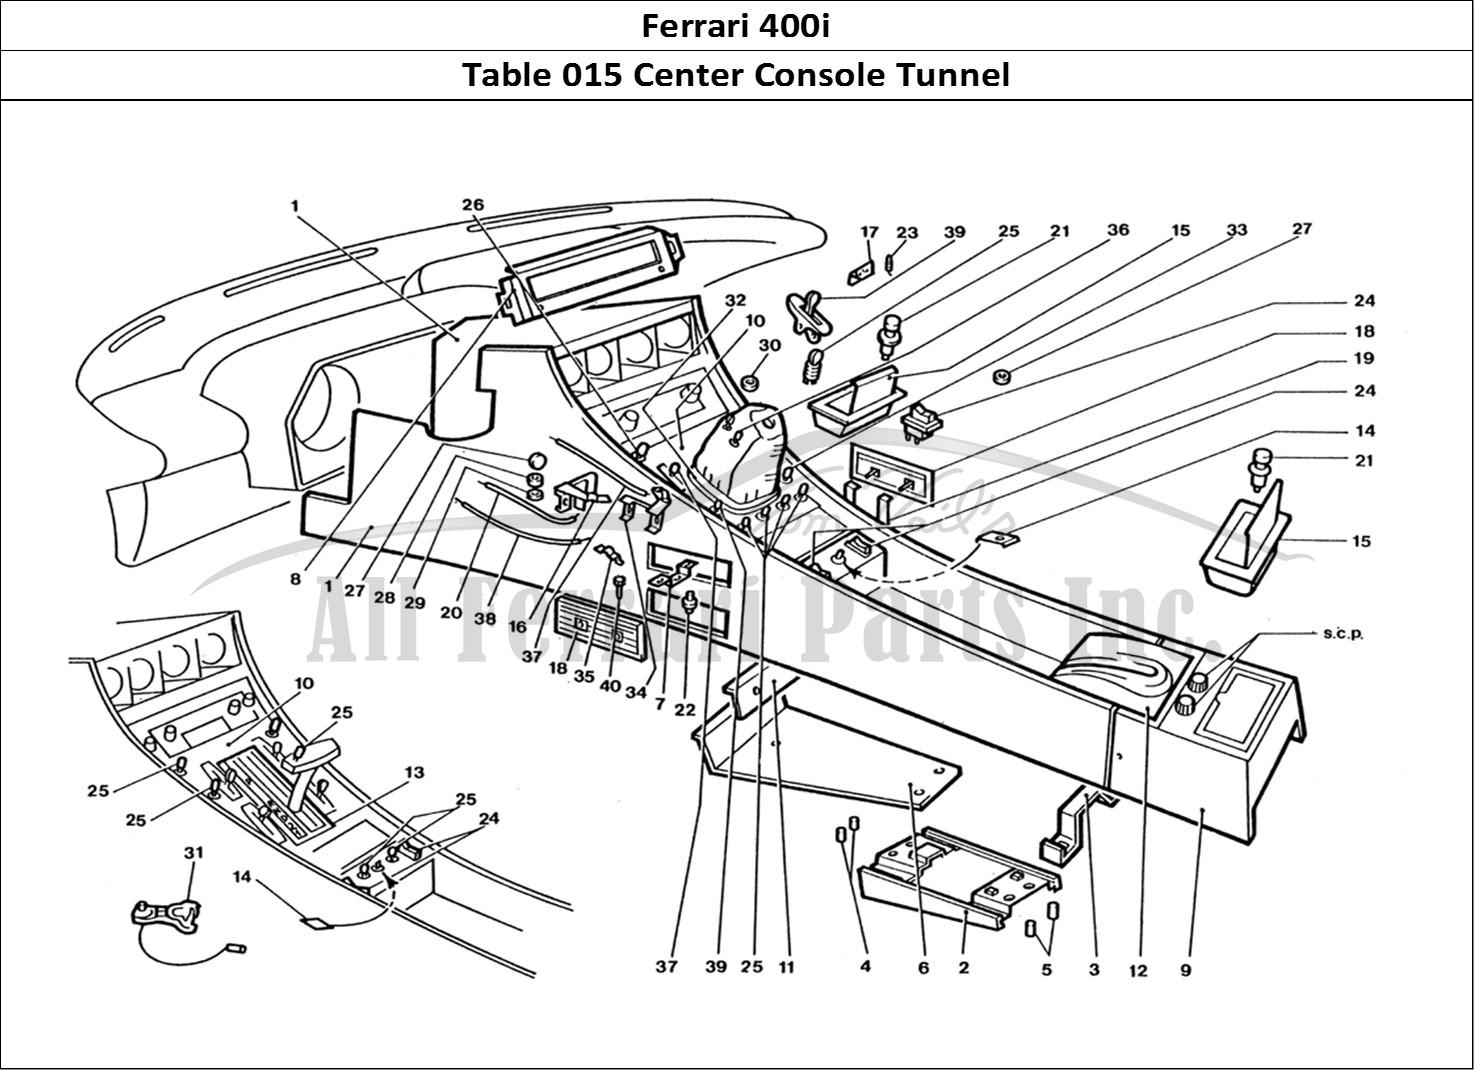 Buy Original Ferrari 400i 015 Center Console Tunnel